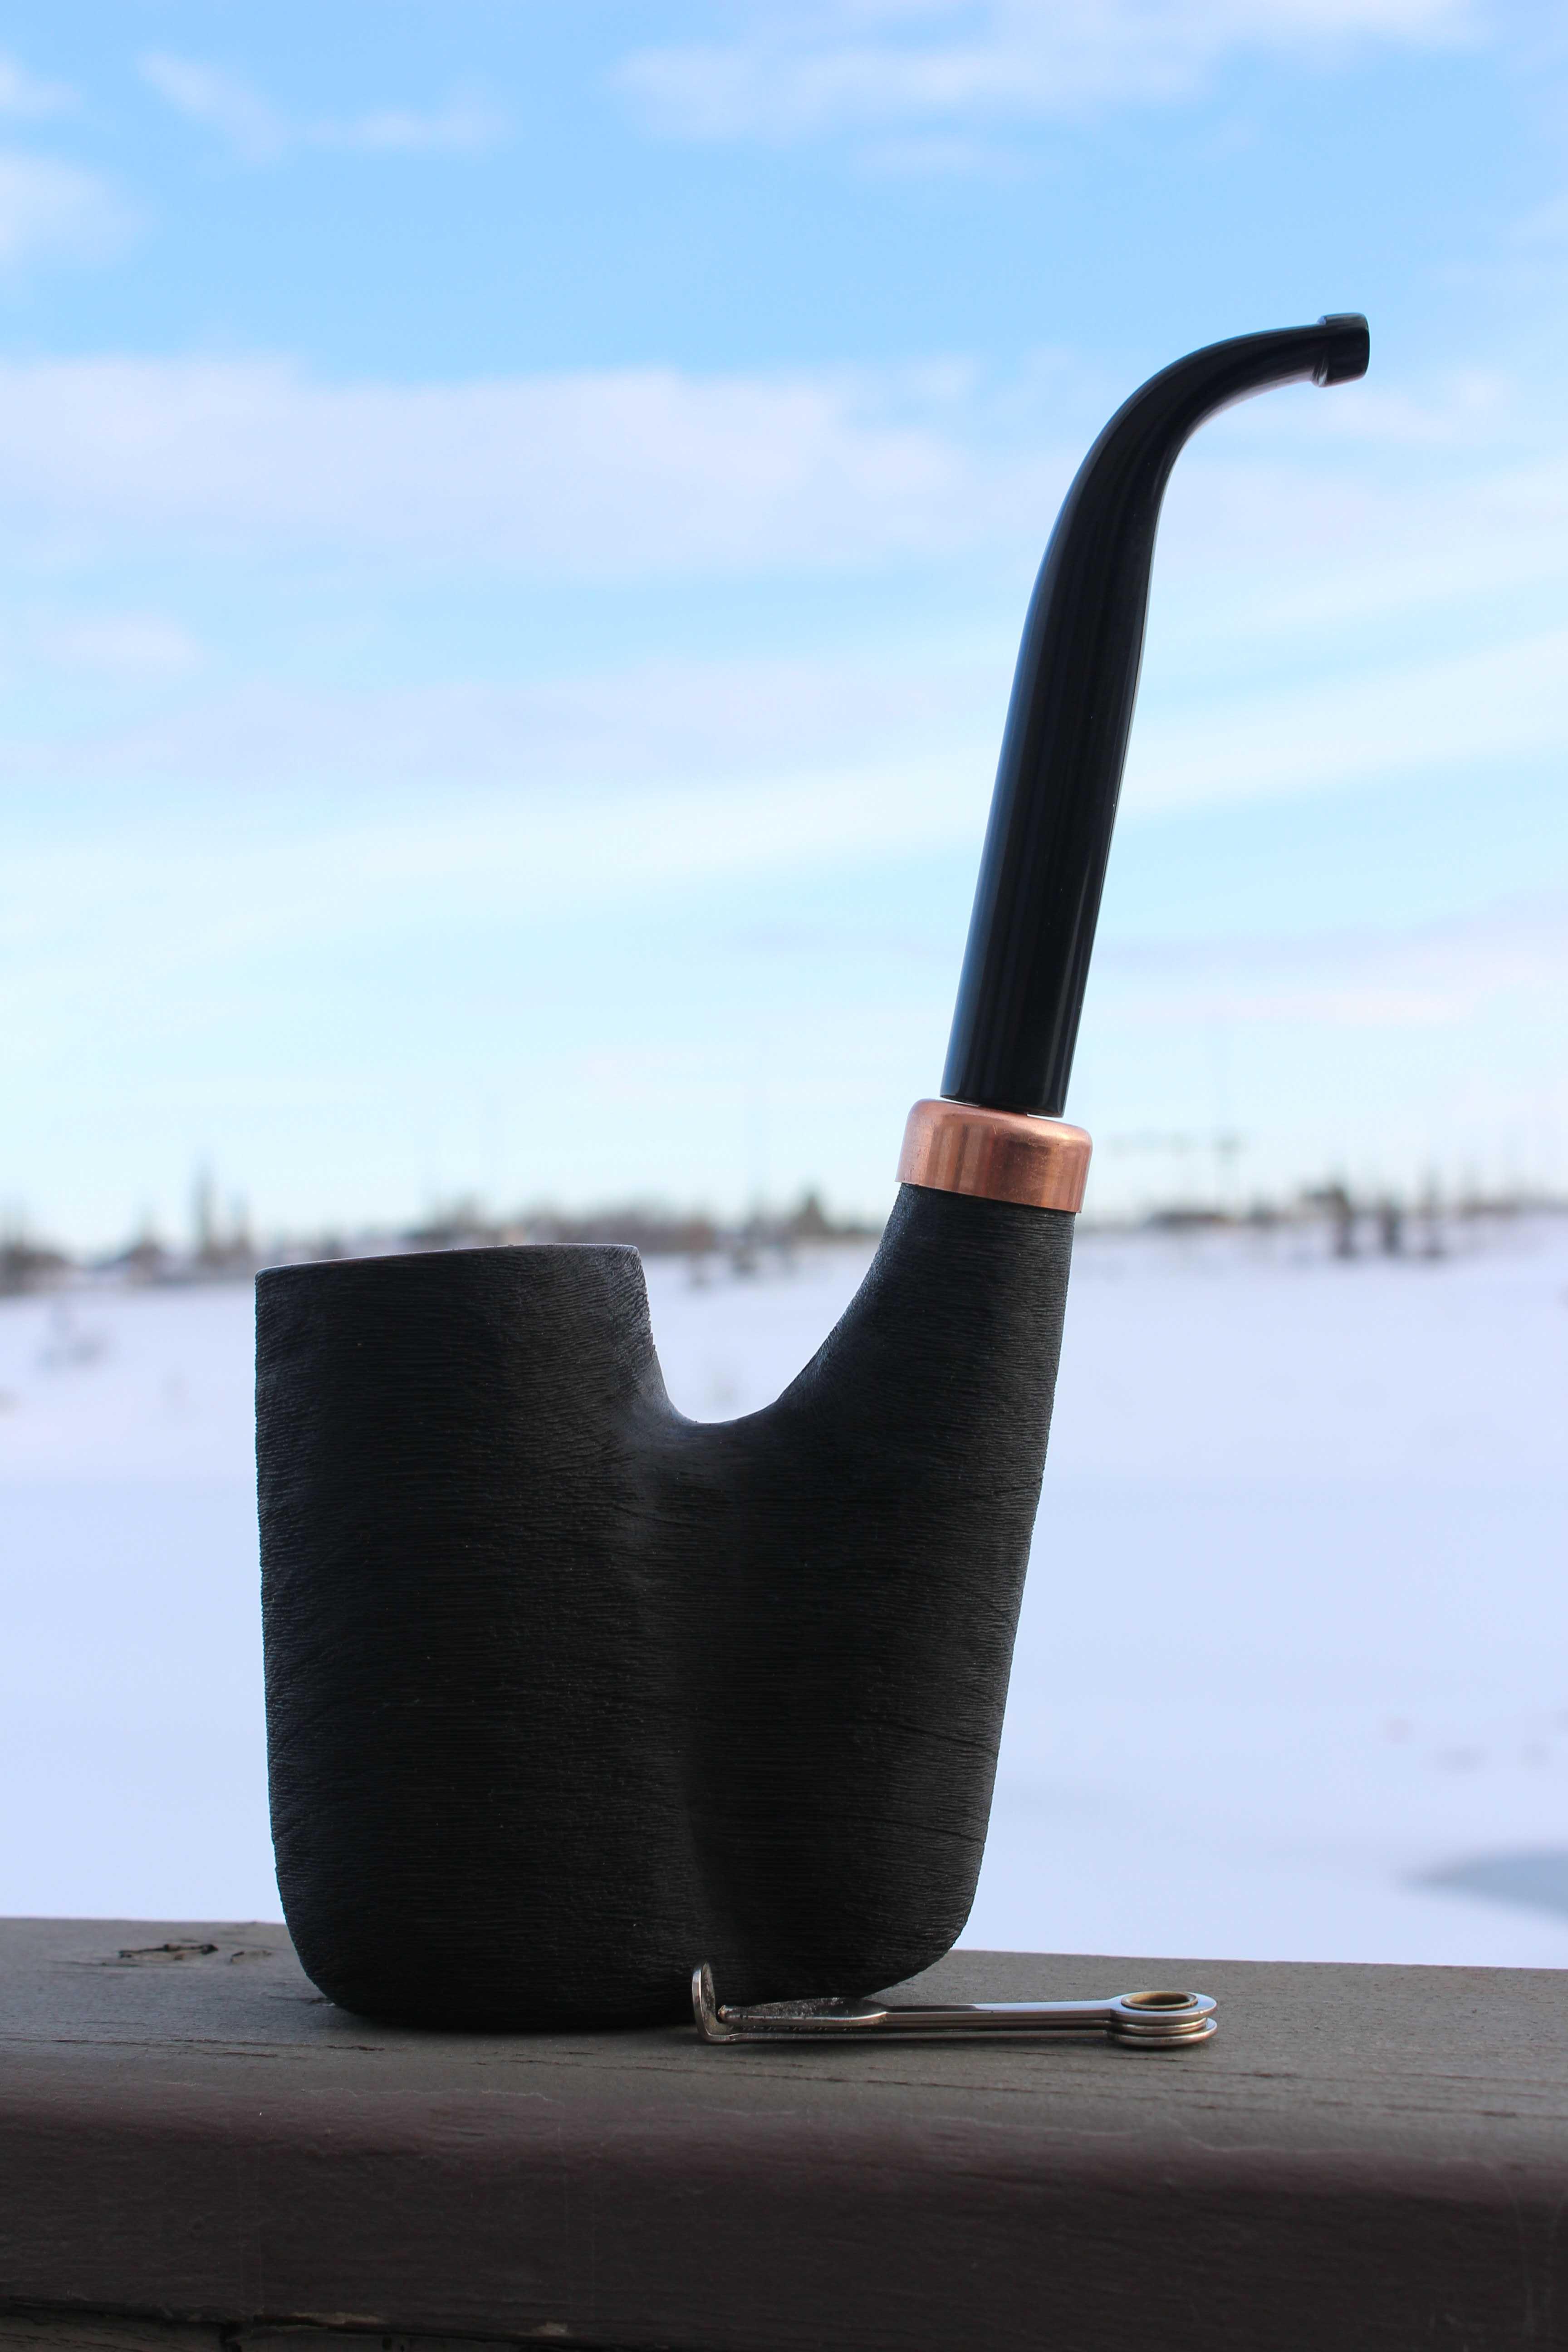 Tobacc&Smoke0306